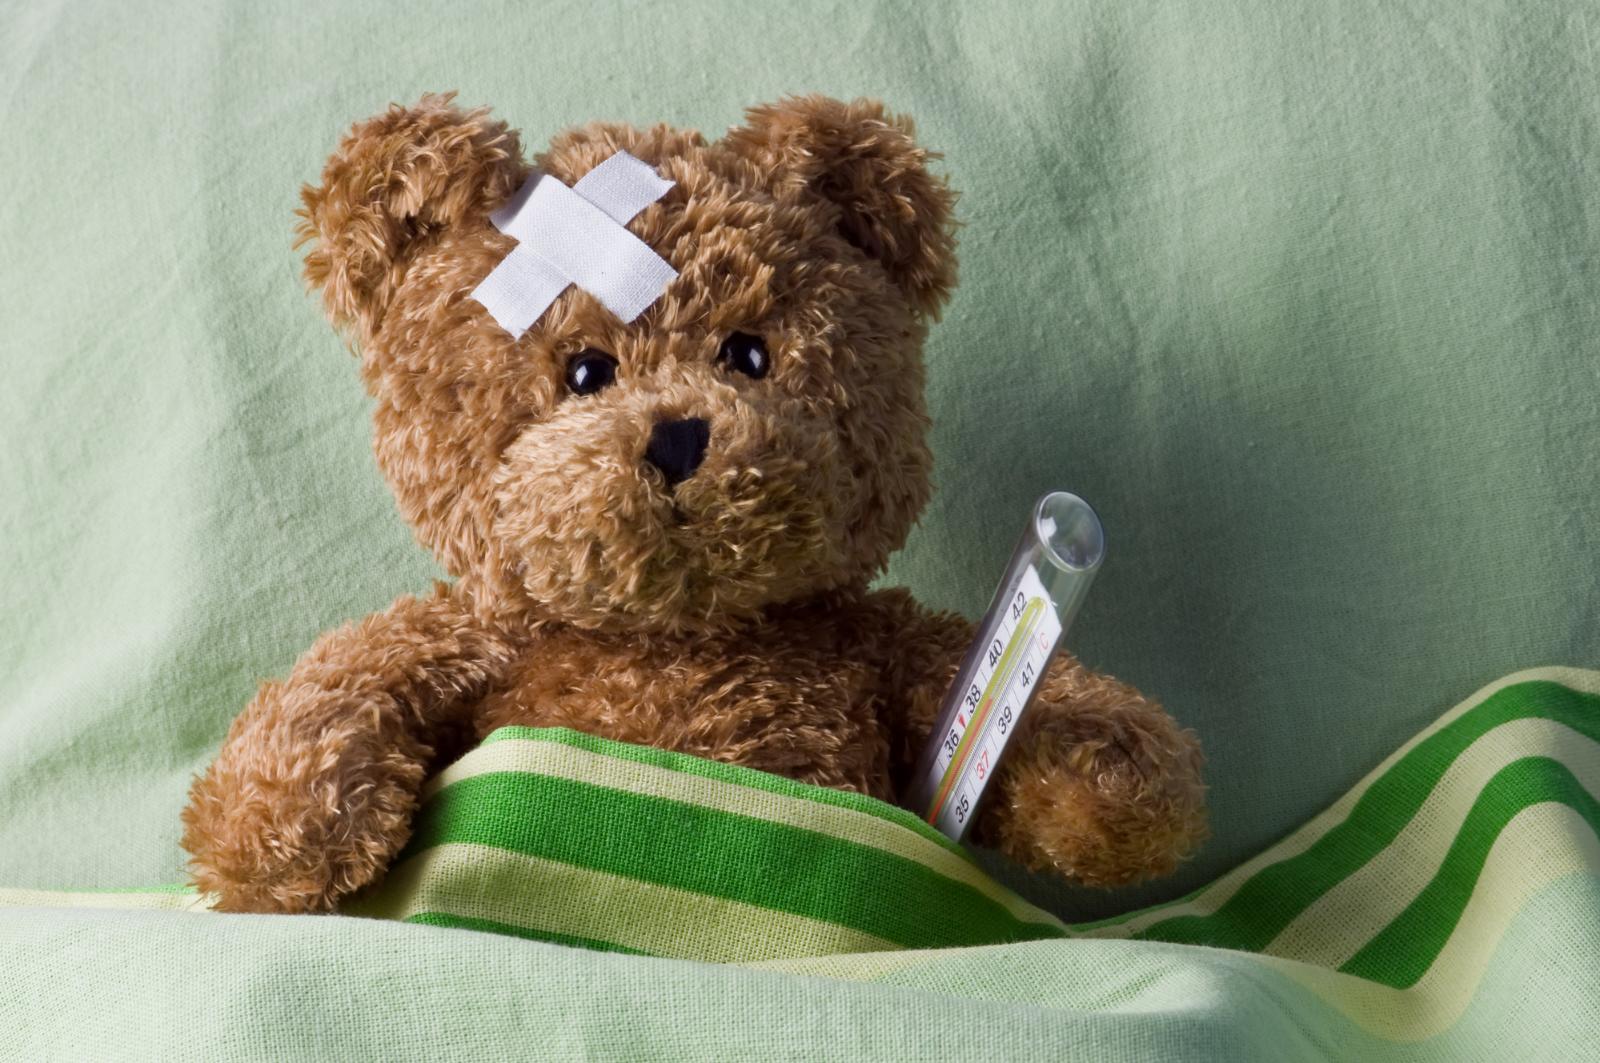 Педиатр не приходит на дом, зато лекарства бесплатные. Как устроена детская медпомощь в Германии